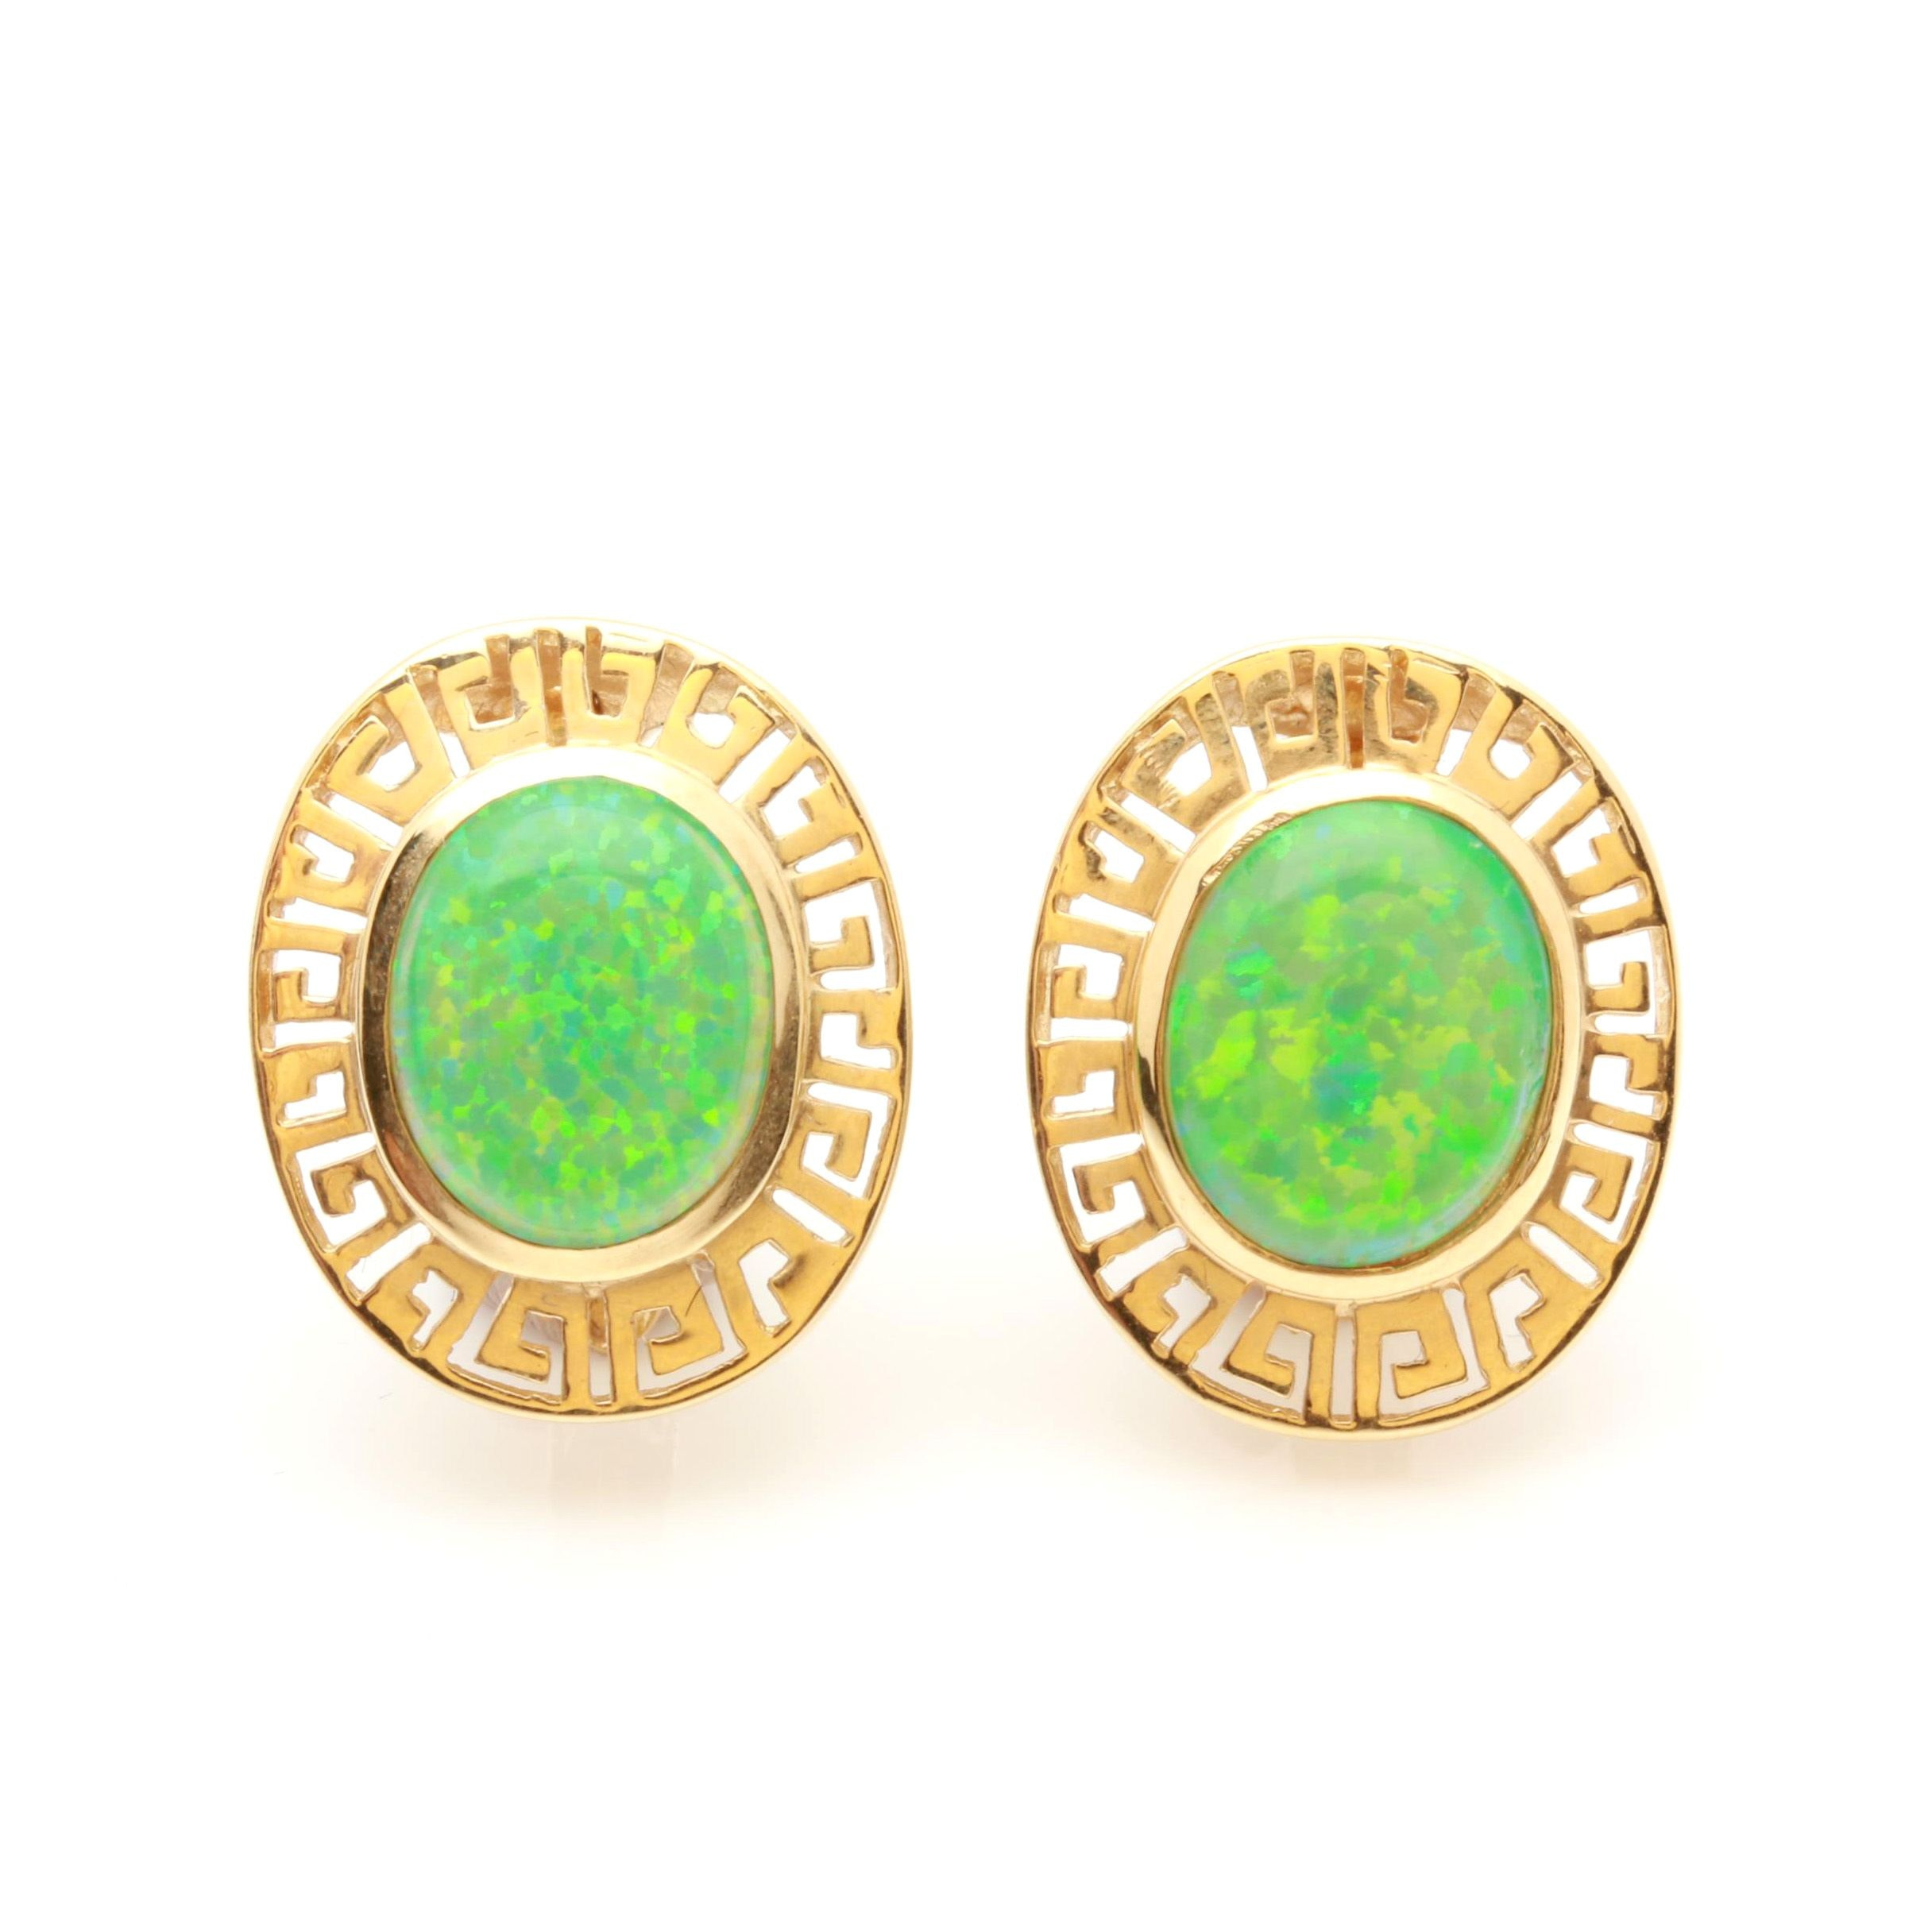 14K Yellow Gold Synthetic Opal Earrings